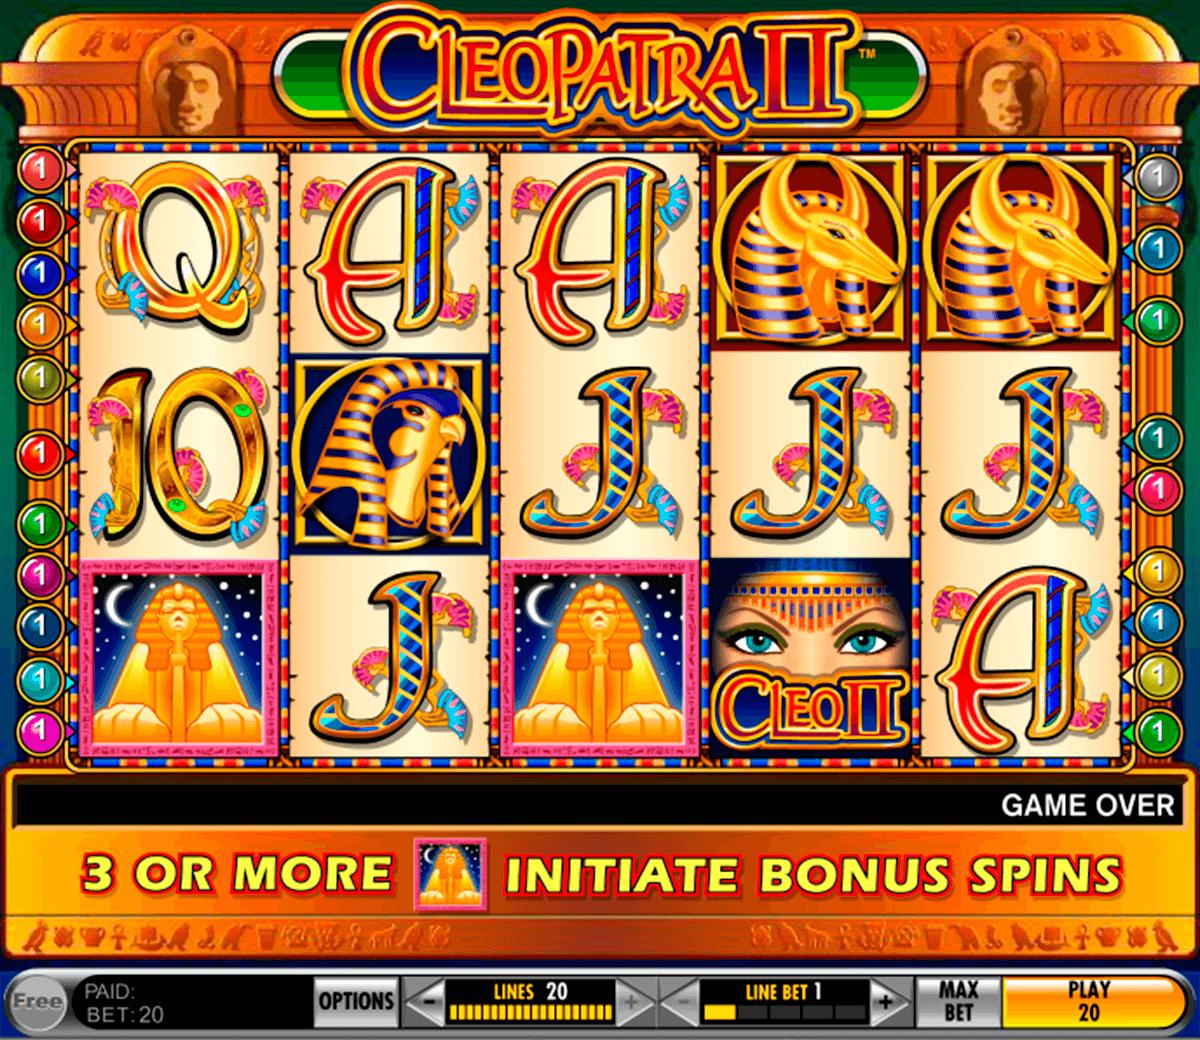 Tragamonedas cleopatra 2 tipos de blackjack funcionamiento 378261